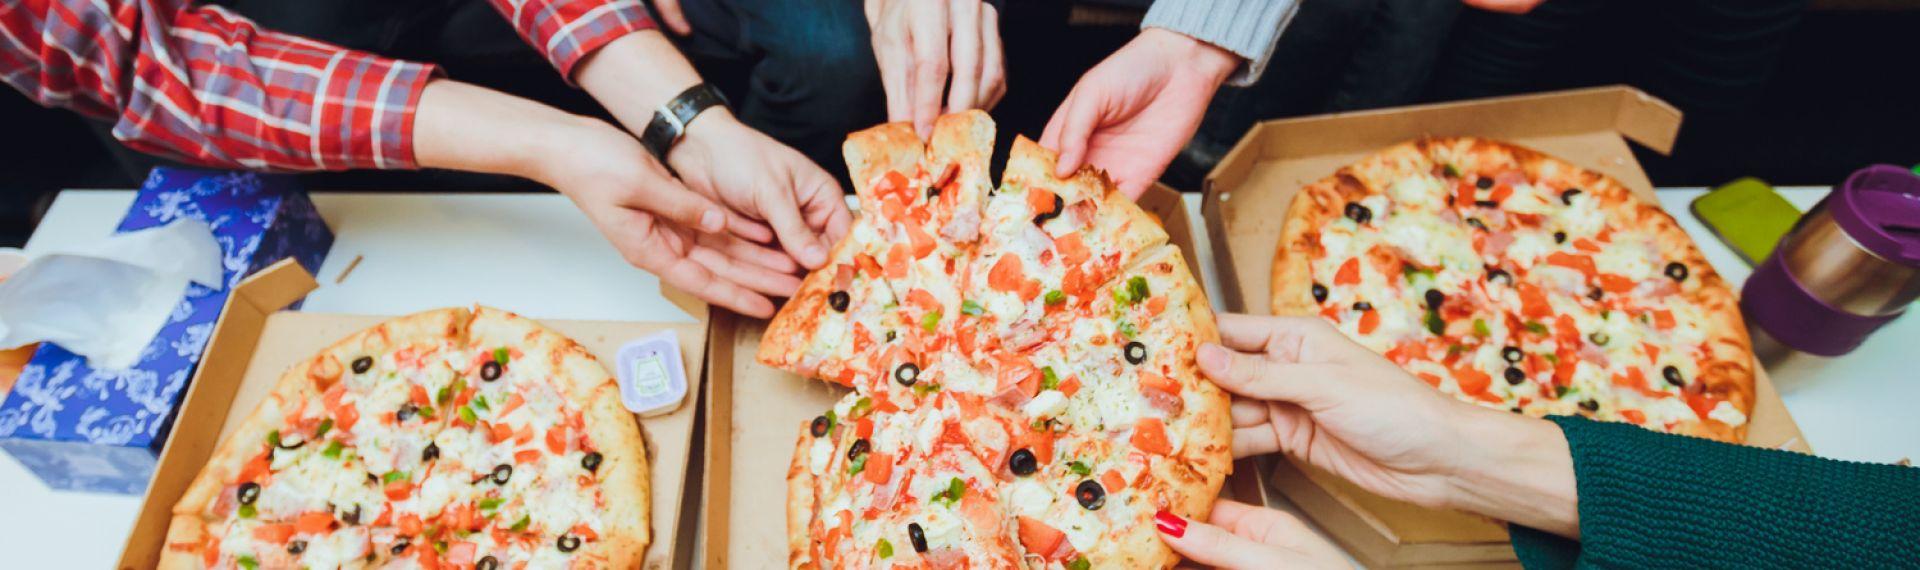 Почему стоит заказывать пиццу на обед в офисе?